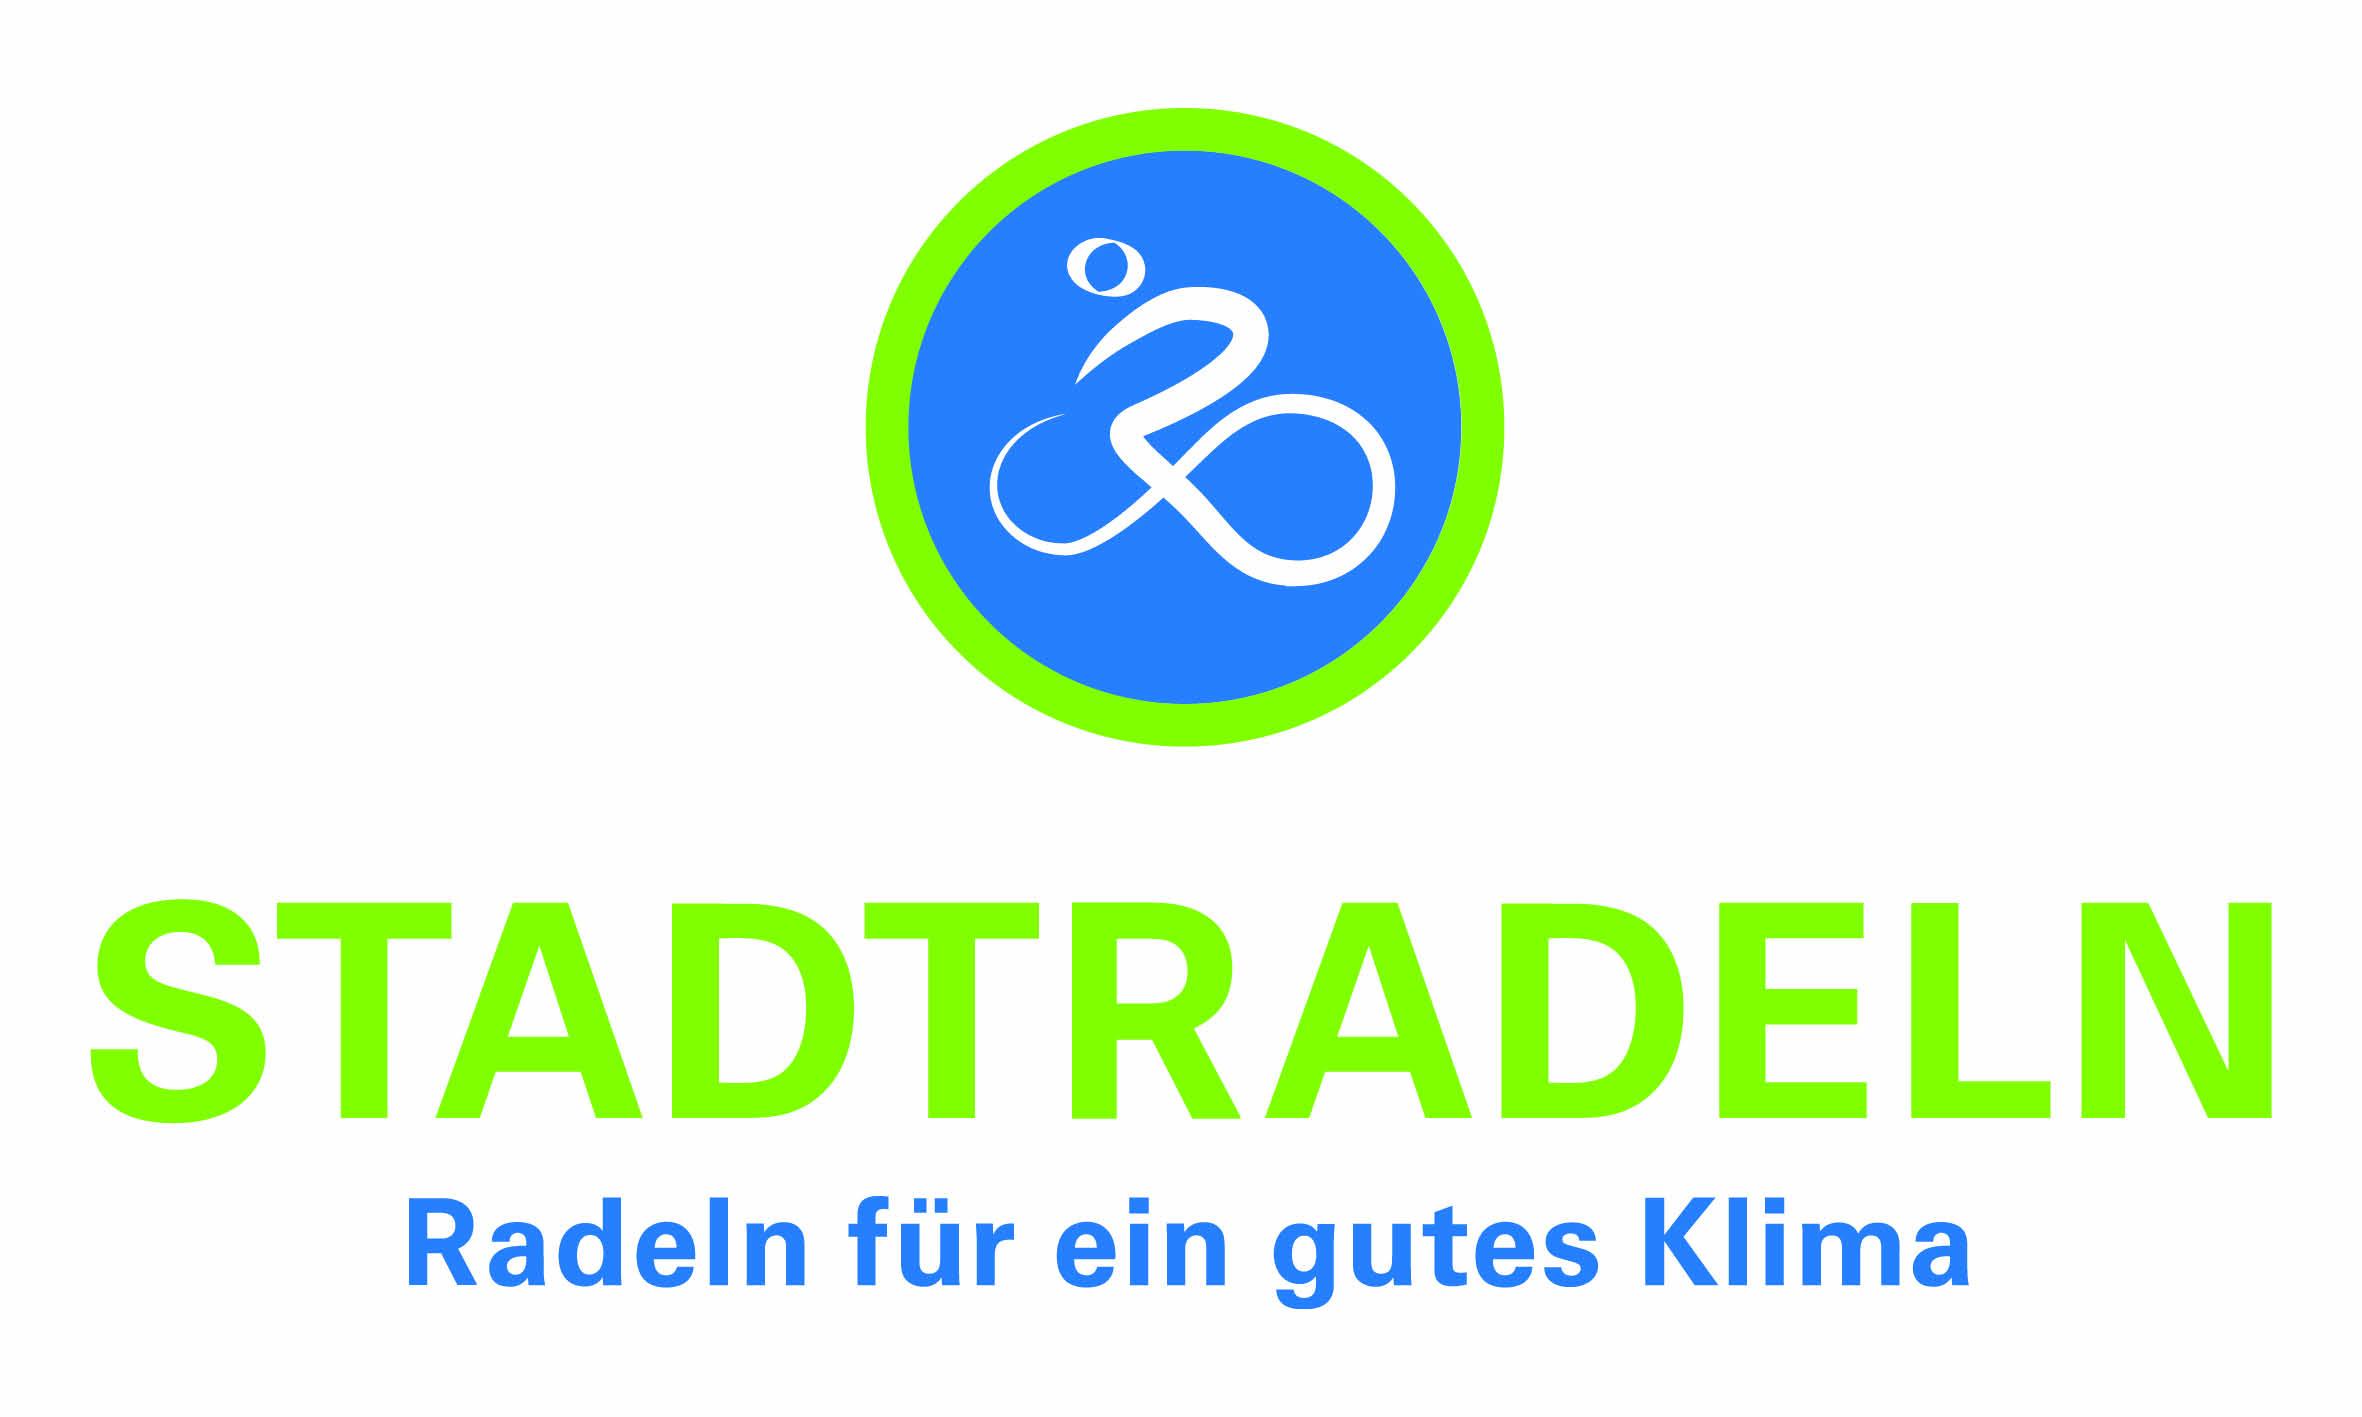 Chance verpasst – kein Stadtradeln in Freiburg